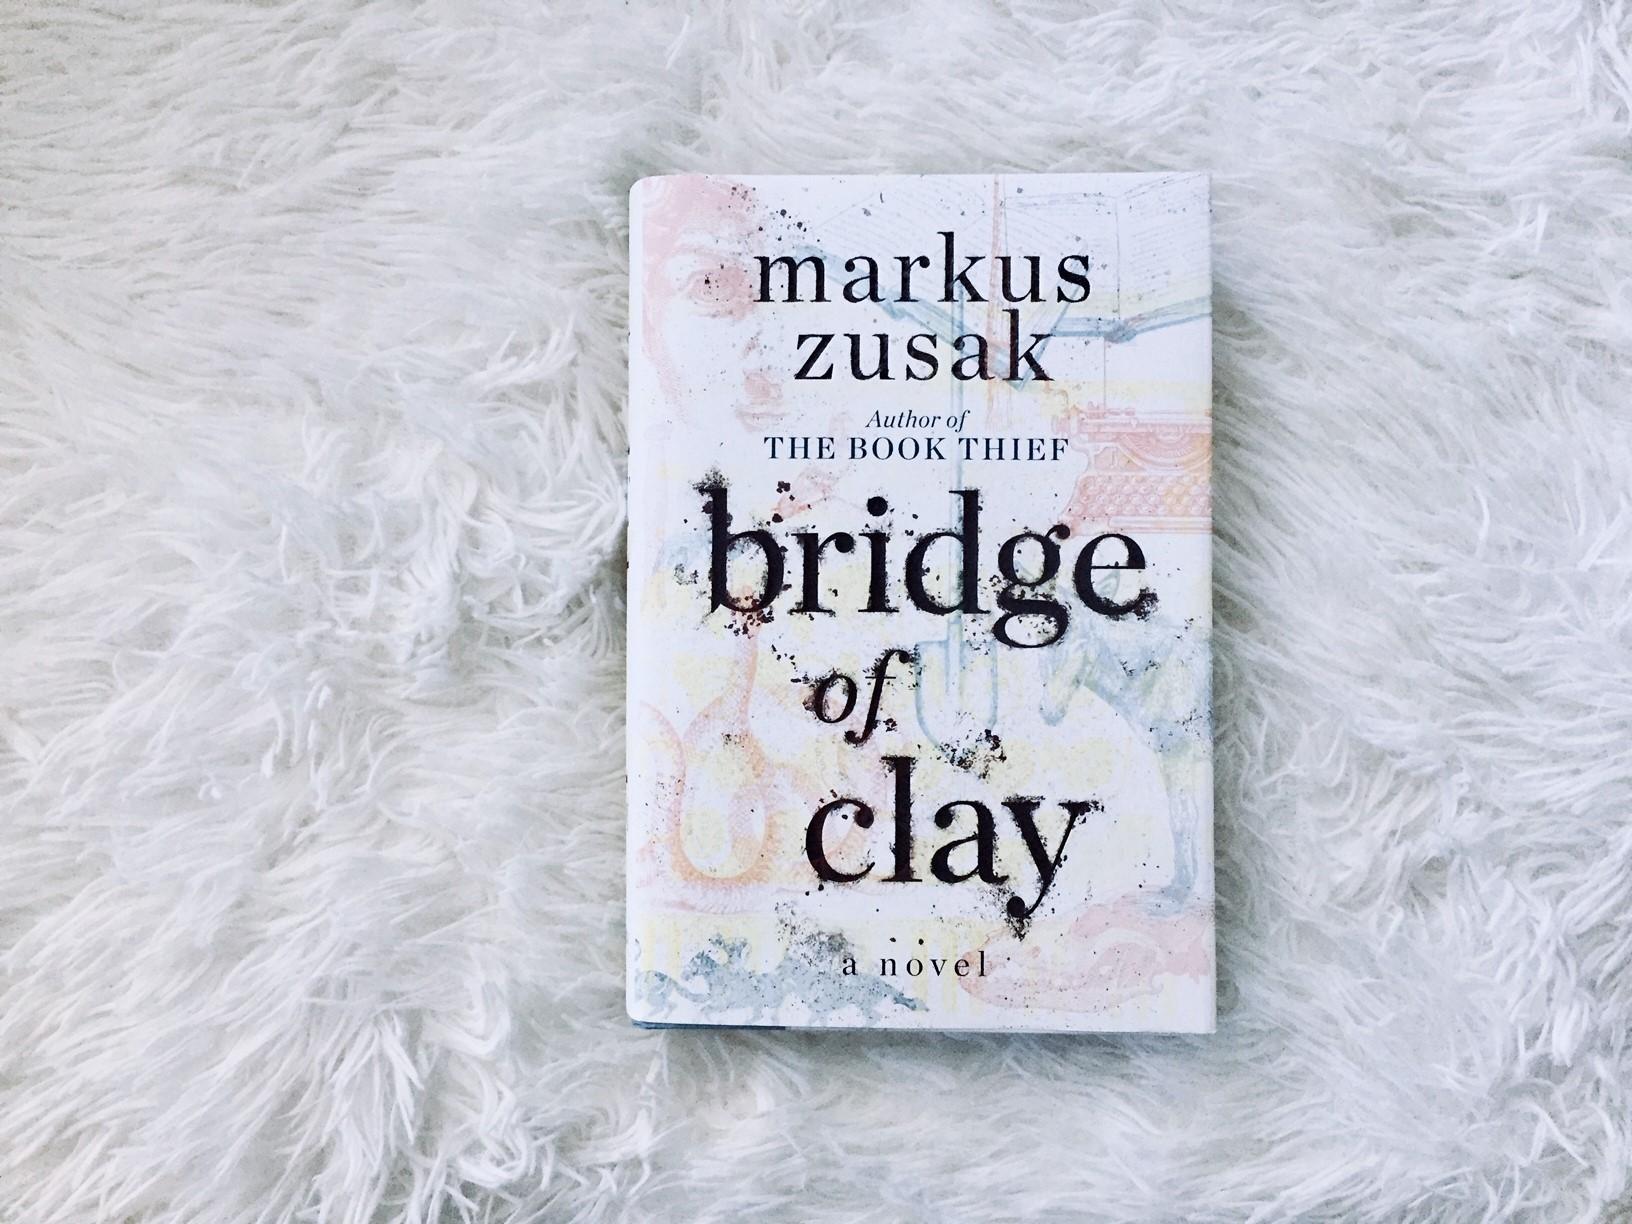 bridge-of-clay-zusak-1